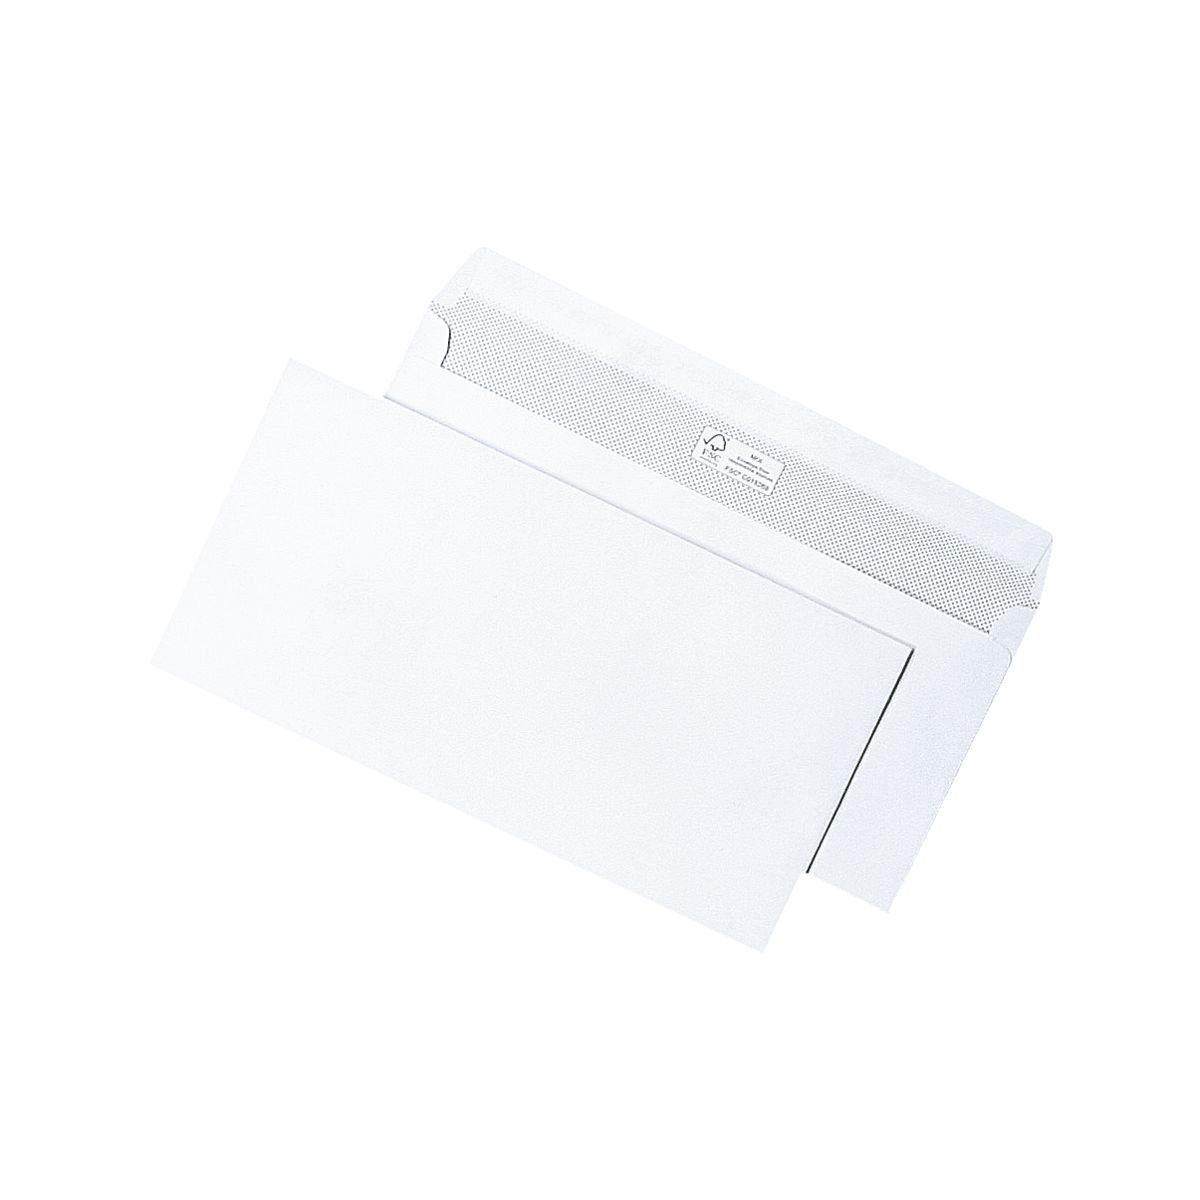 Mailmediade Briefumschläge DL ohne Fenster mit Haftklebung - 500 St...